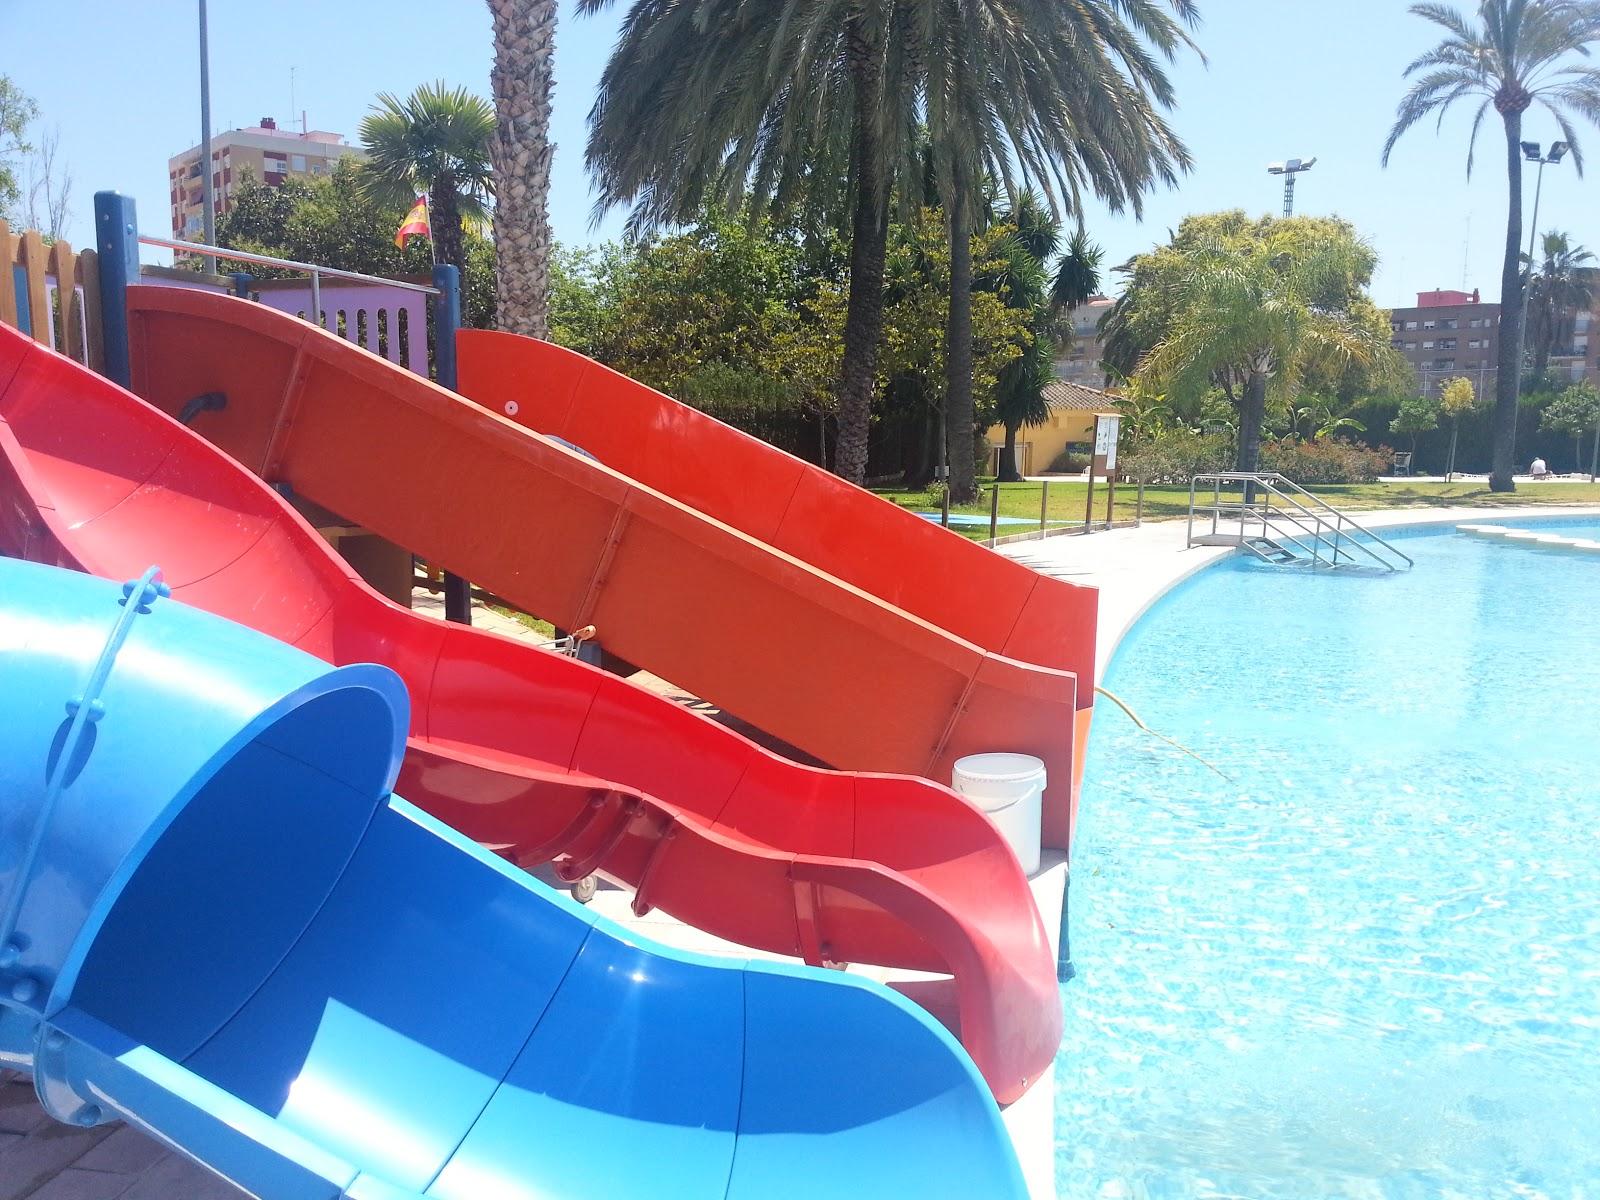 A tope los viernes con la piscina escuela de verano jc 2013 for Piscina parque benicalap